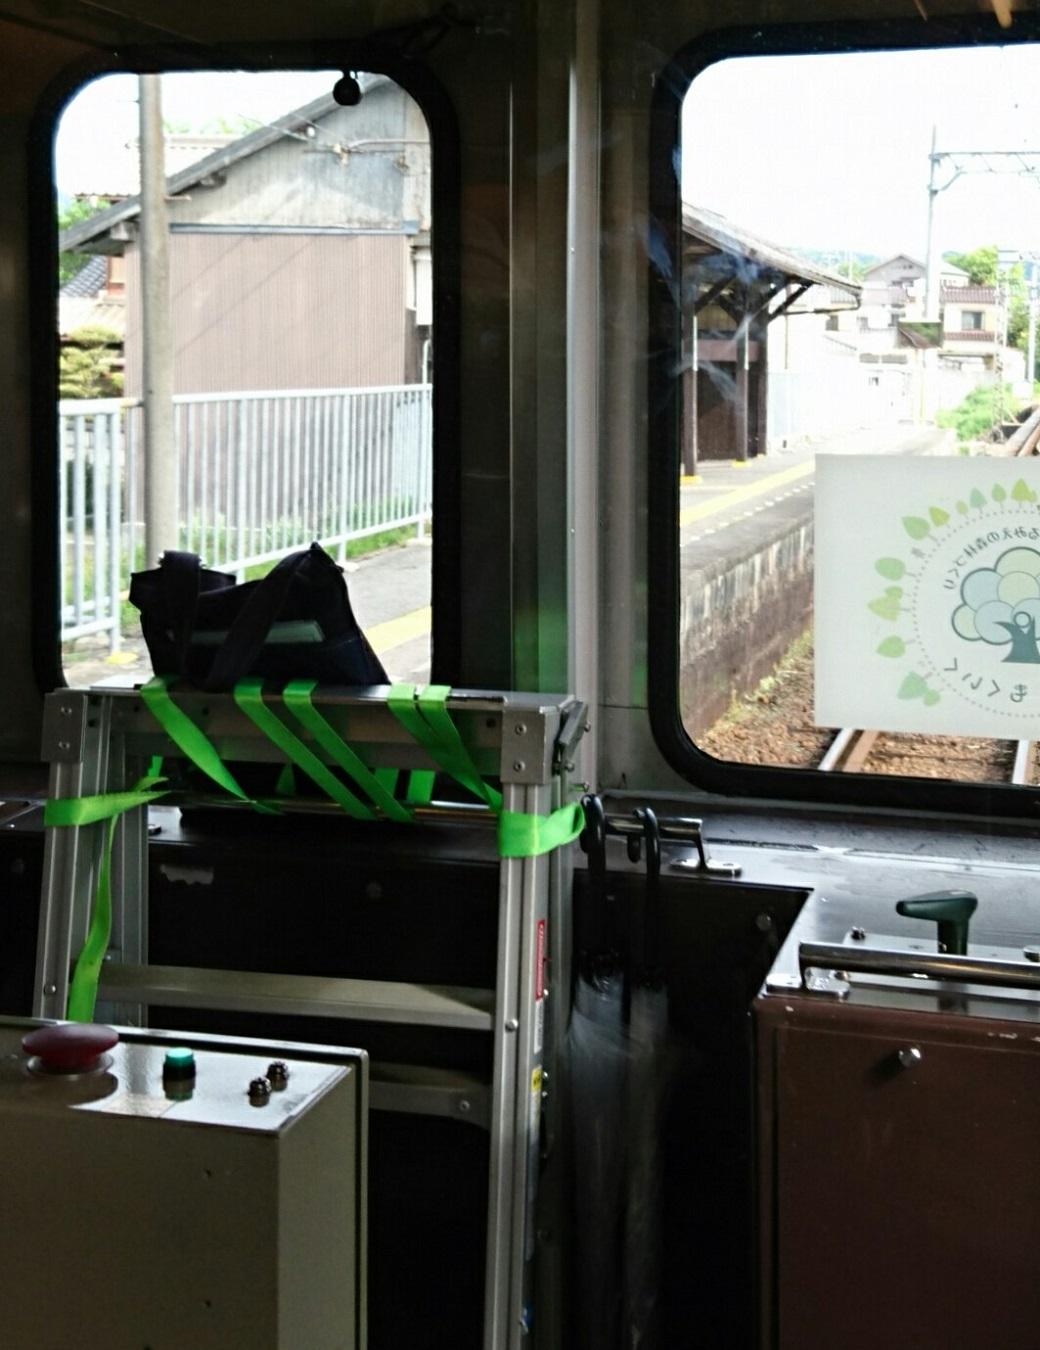 2018.4.26 上野 (33) 上野市いきふつう - 桑町 1040-1350